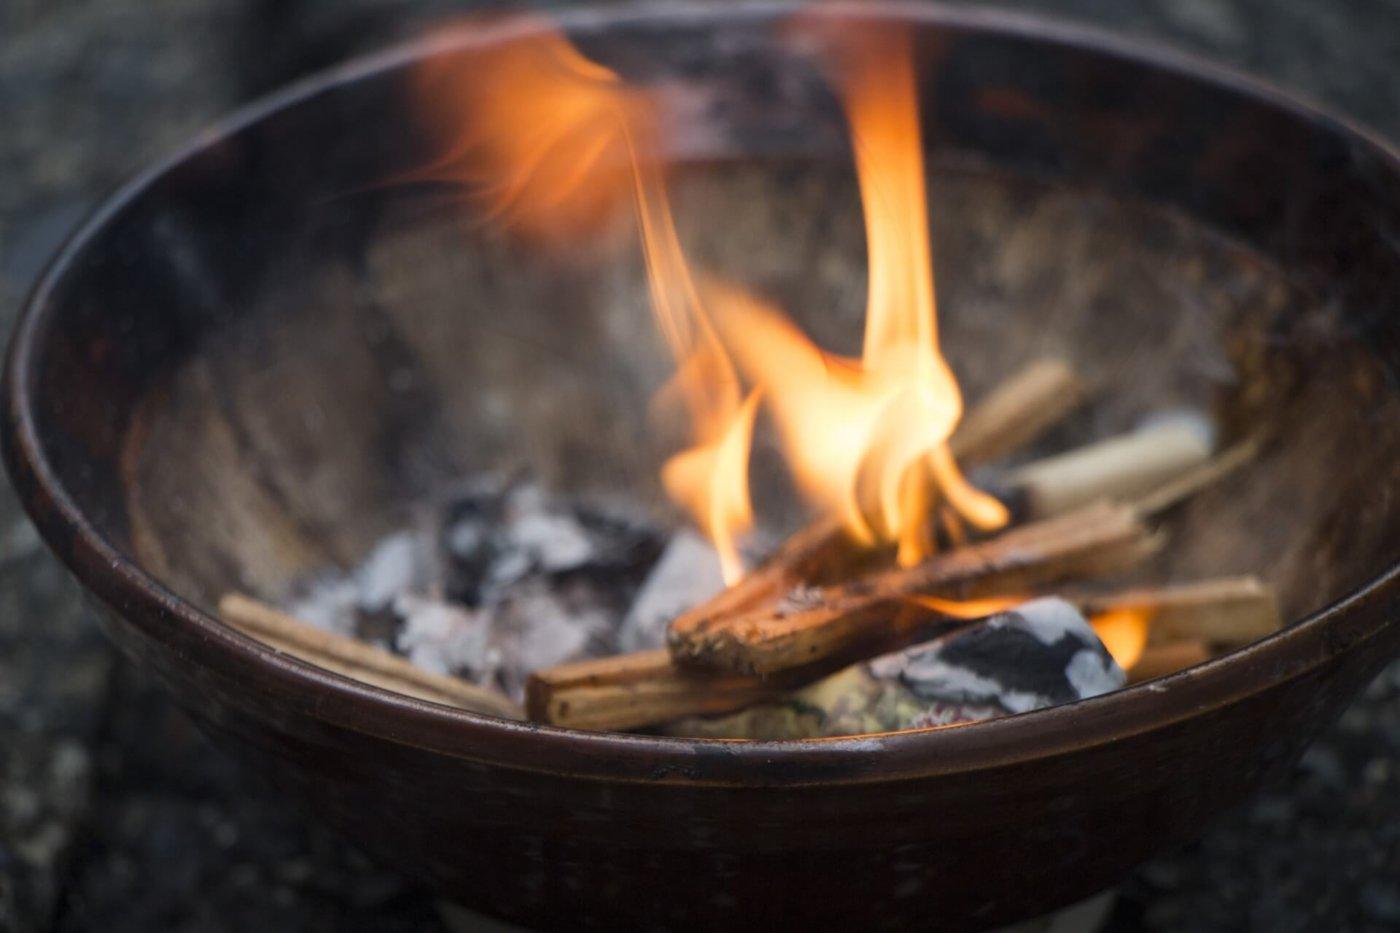 お盆に焚く送り火の正しい行い方